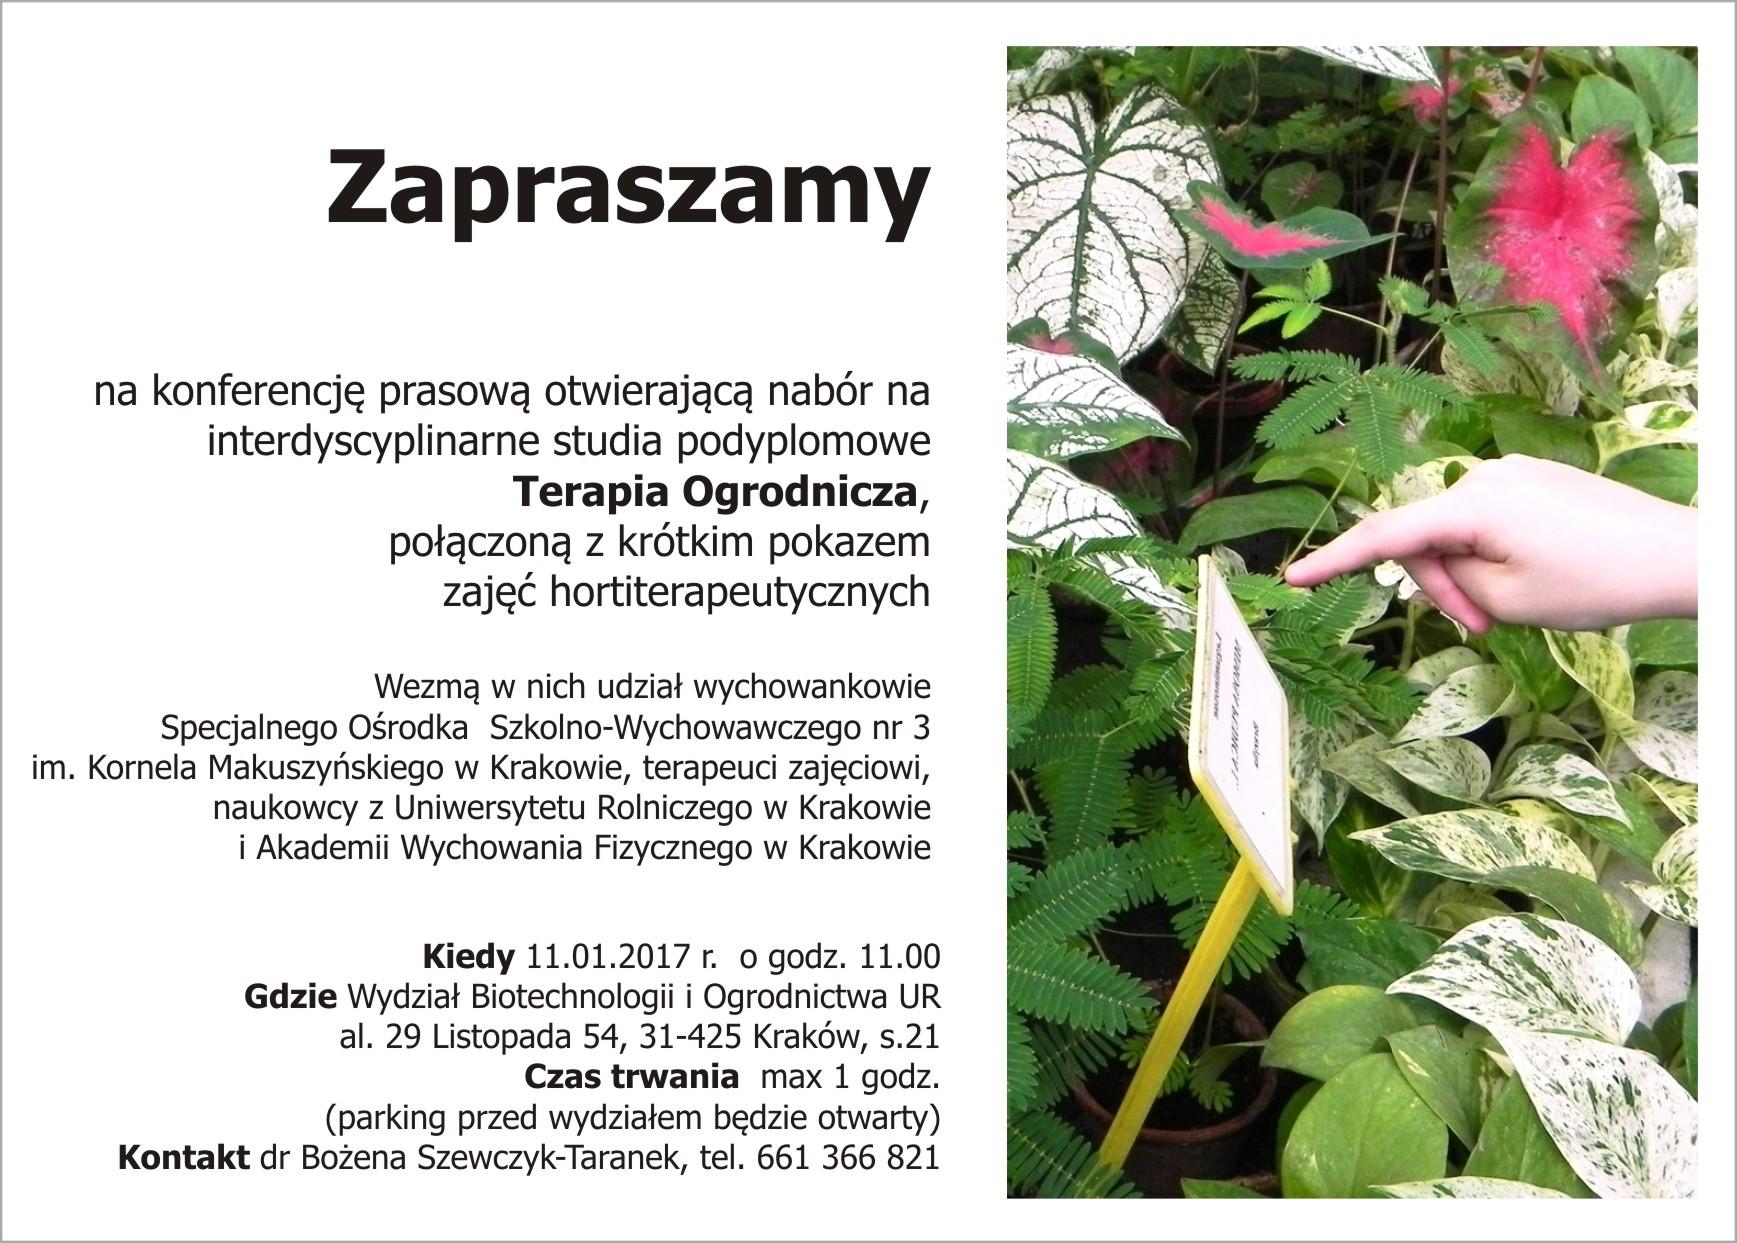 Hortiterapia - terapia ogrodnicza